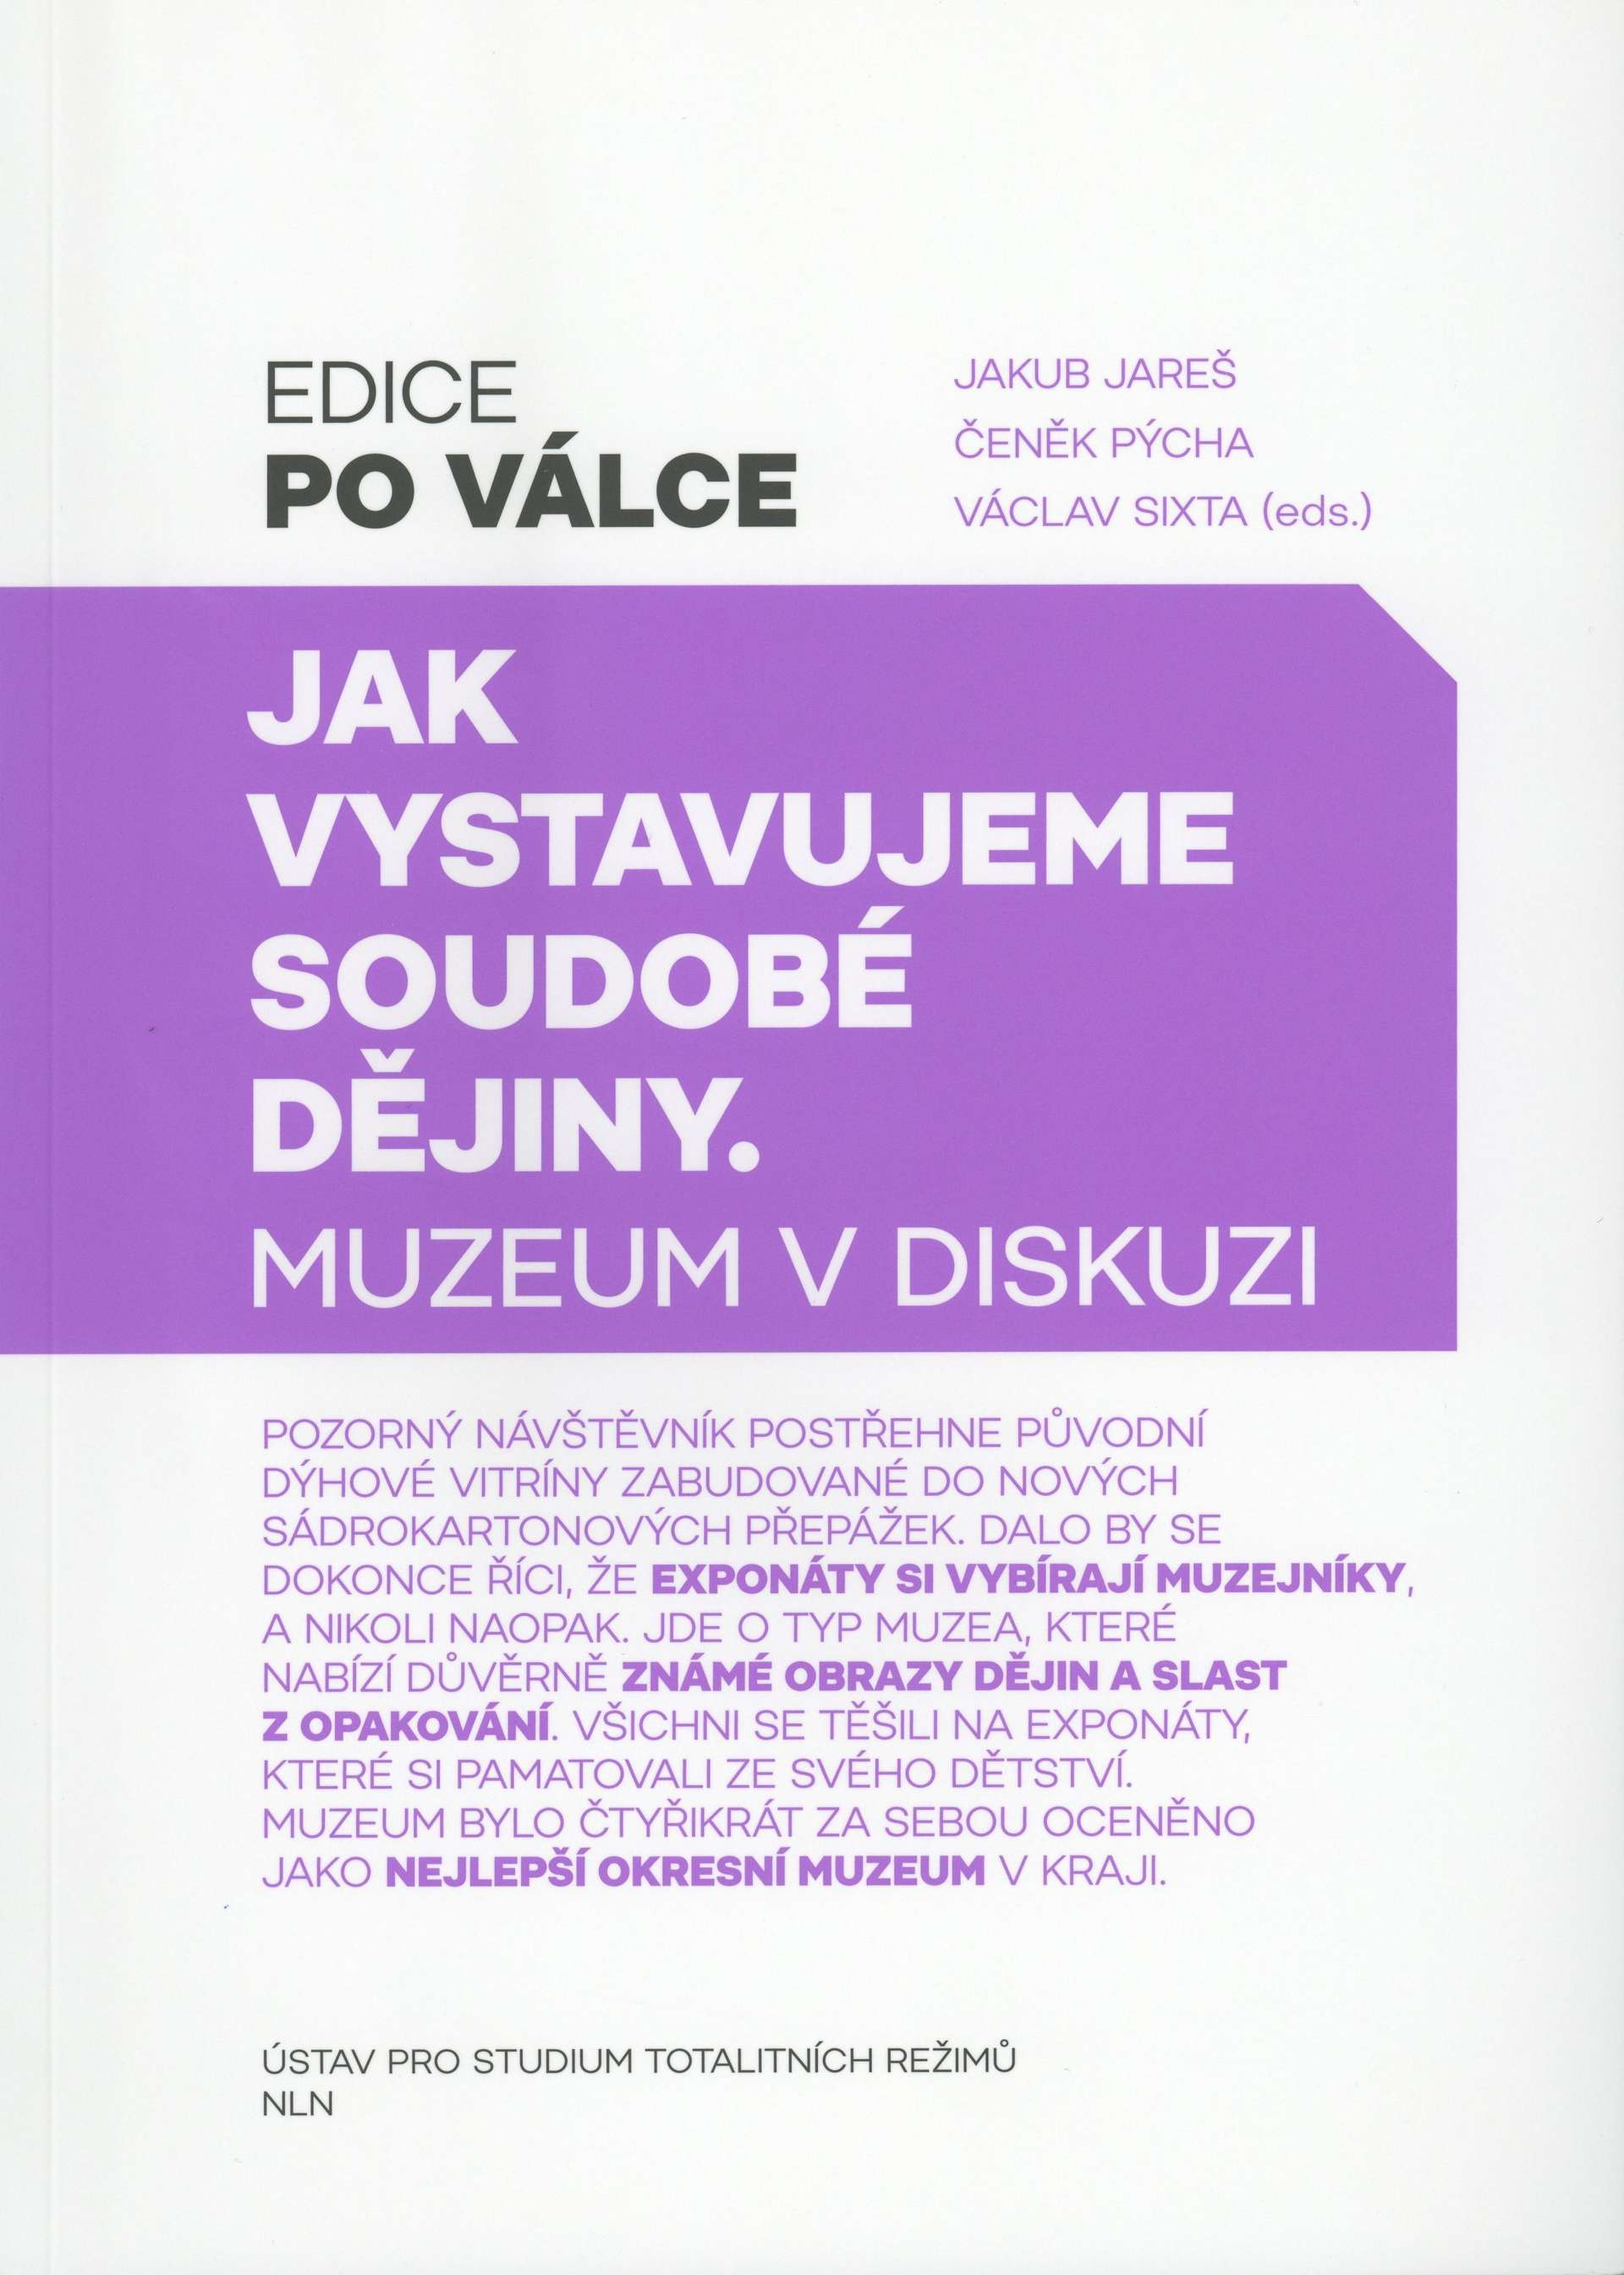 MVD5.jpg